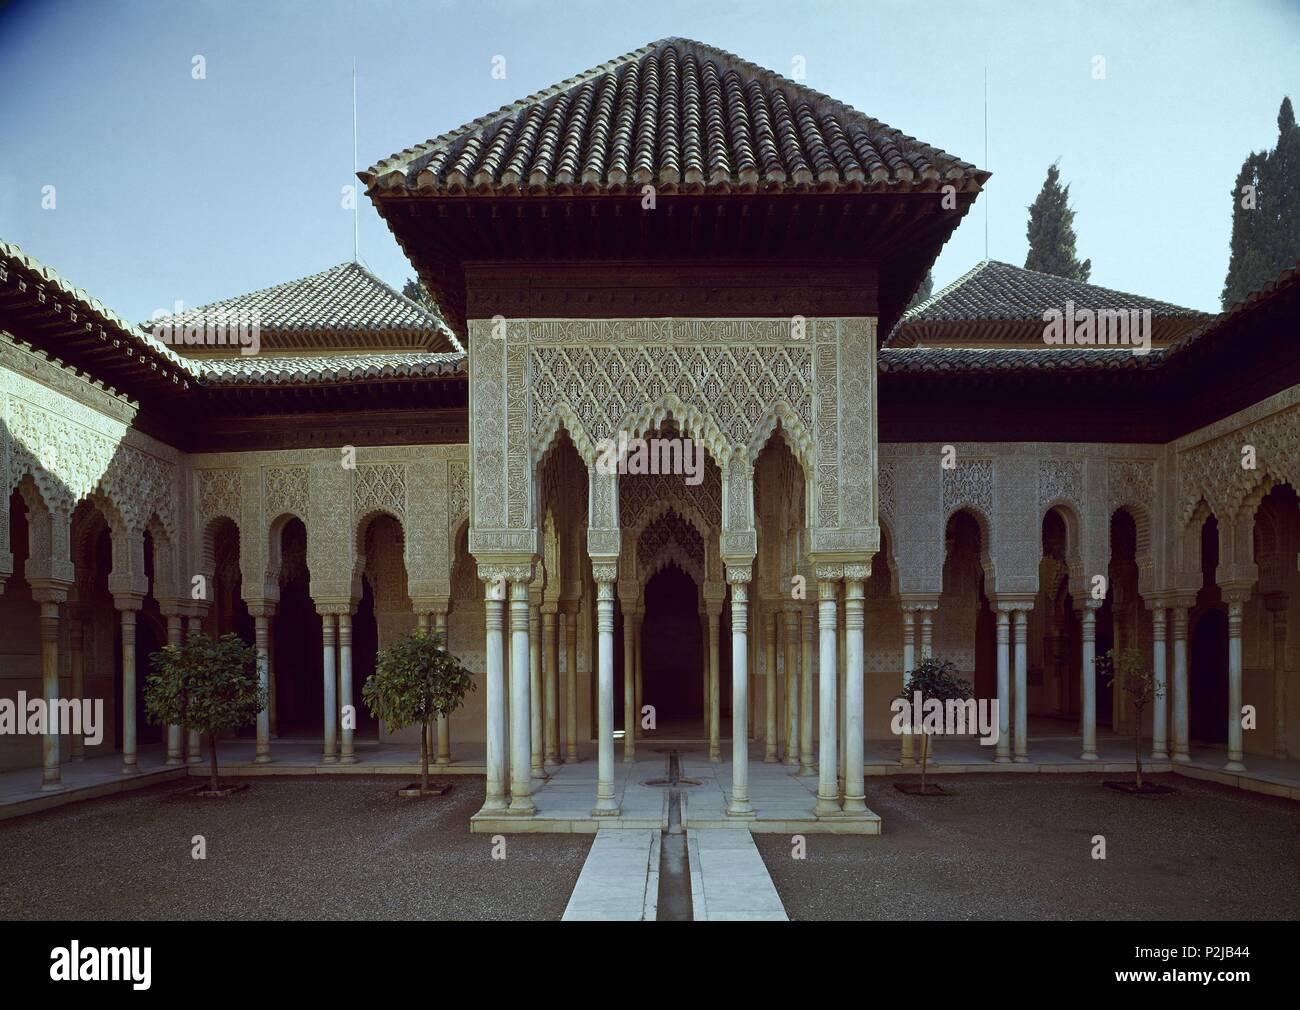 Patio Leones Templete Location Alhambra Patio De Los Leones